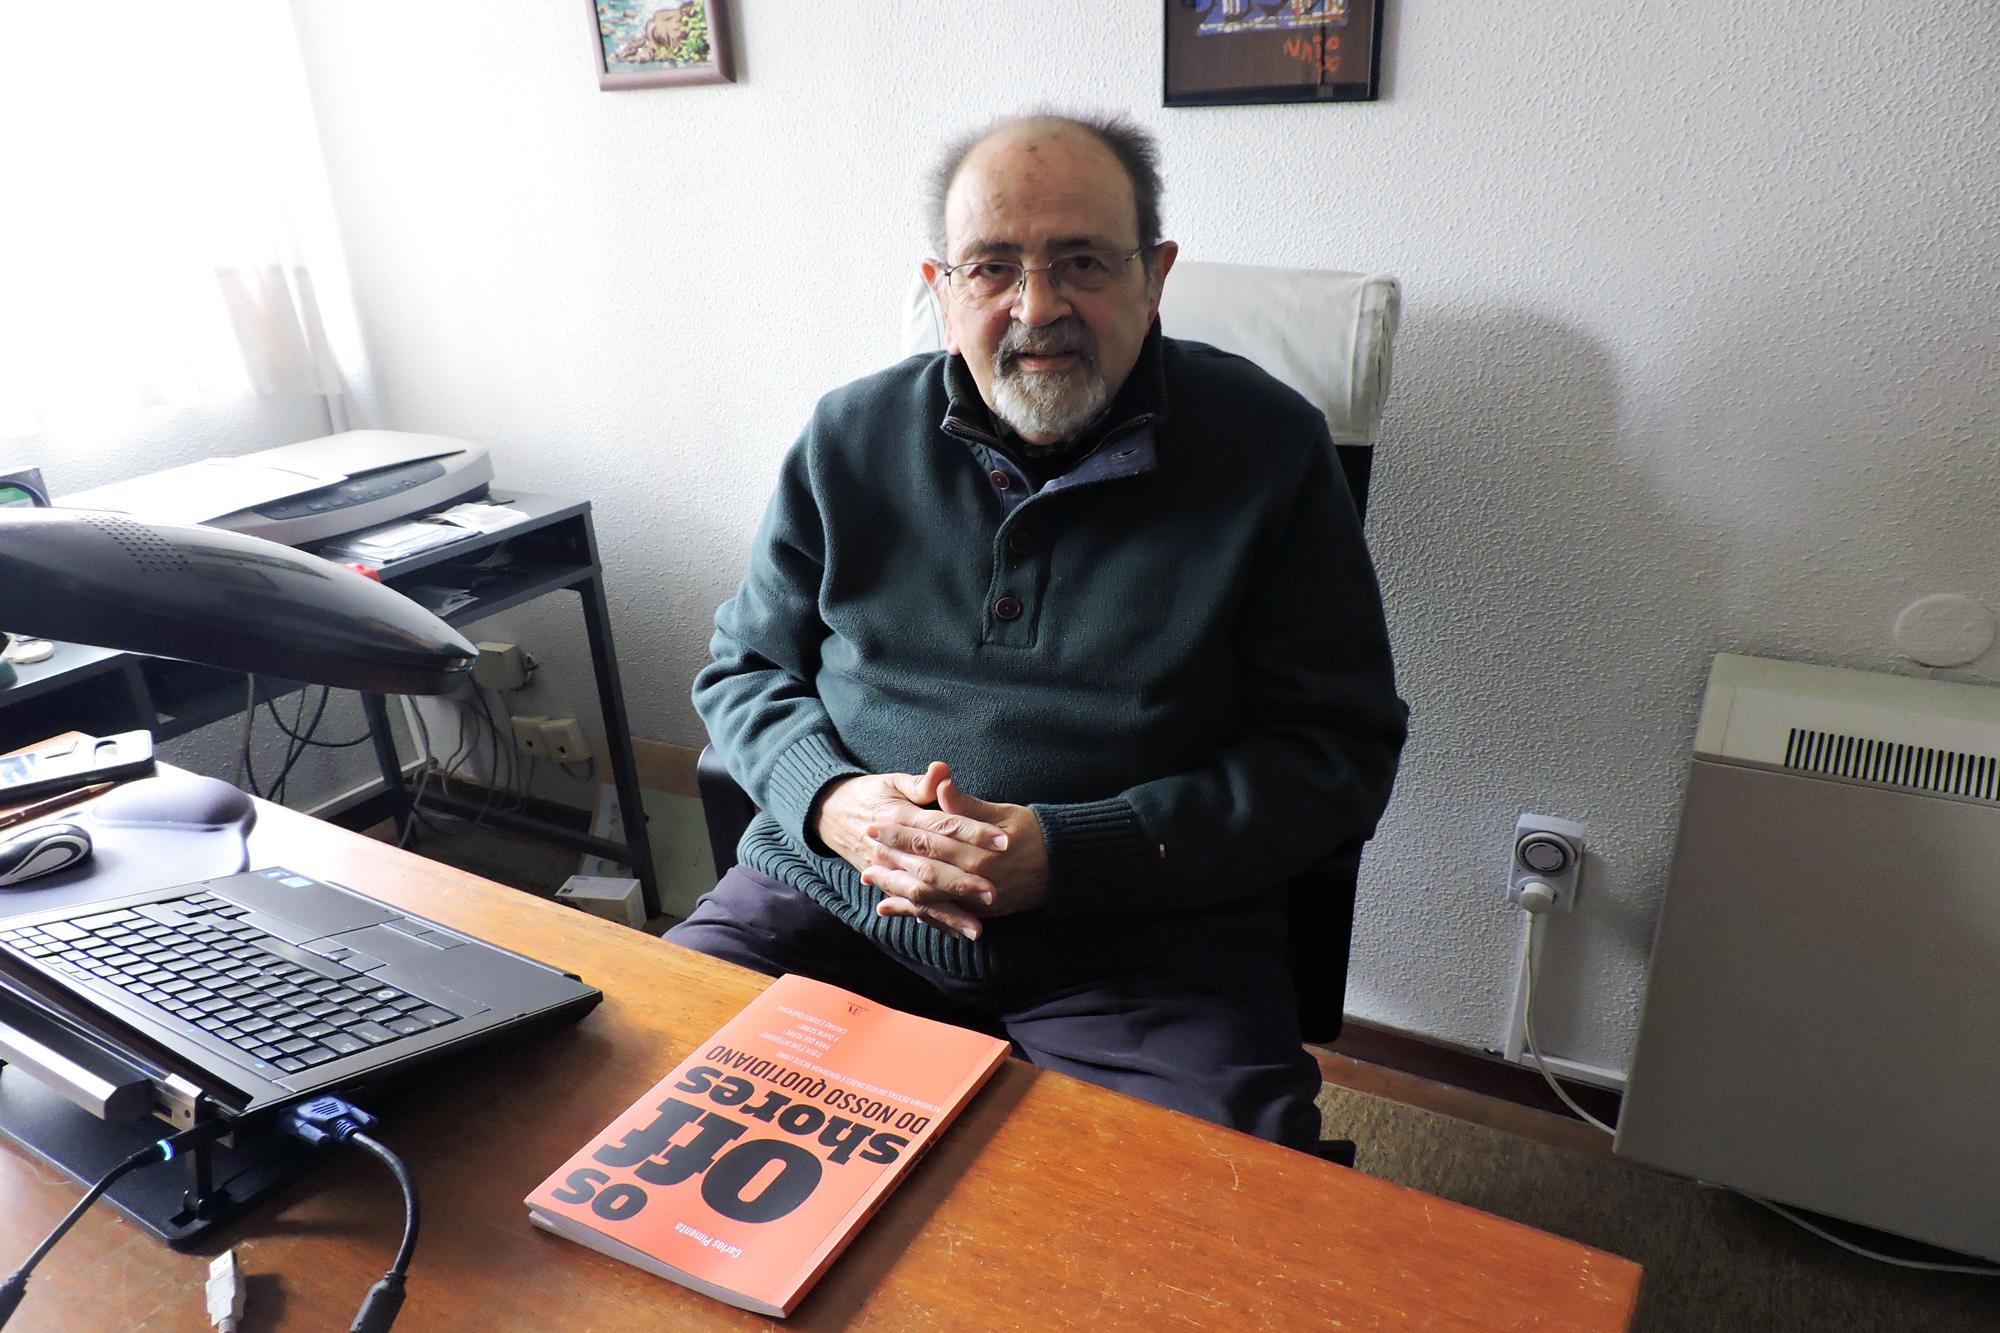 """""""Os Offshores do Nosso Quotidiano"""", de Carlos Pimenta, reúne questões que fizeram ao autor sobre o tema e dá-lhes resposta."""